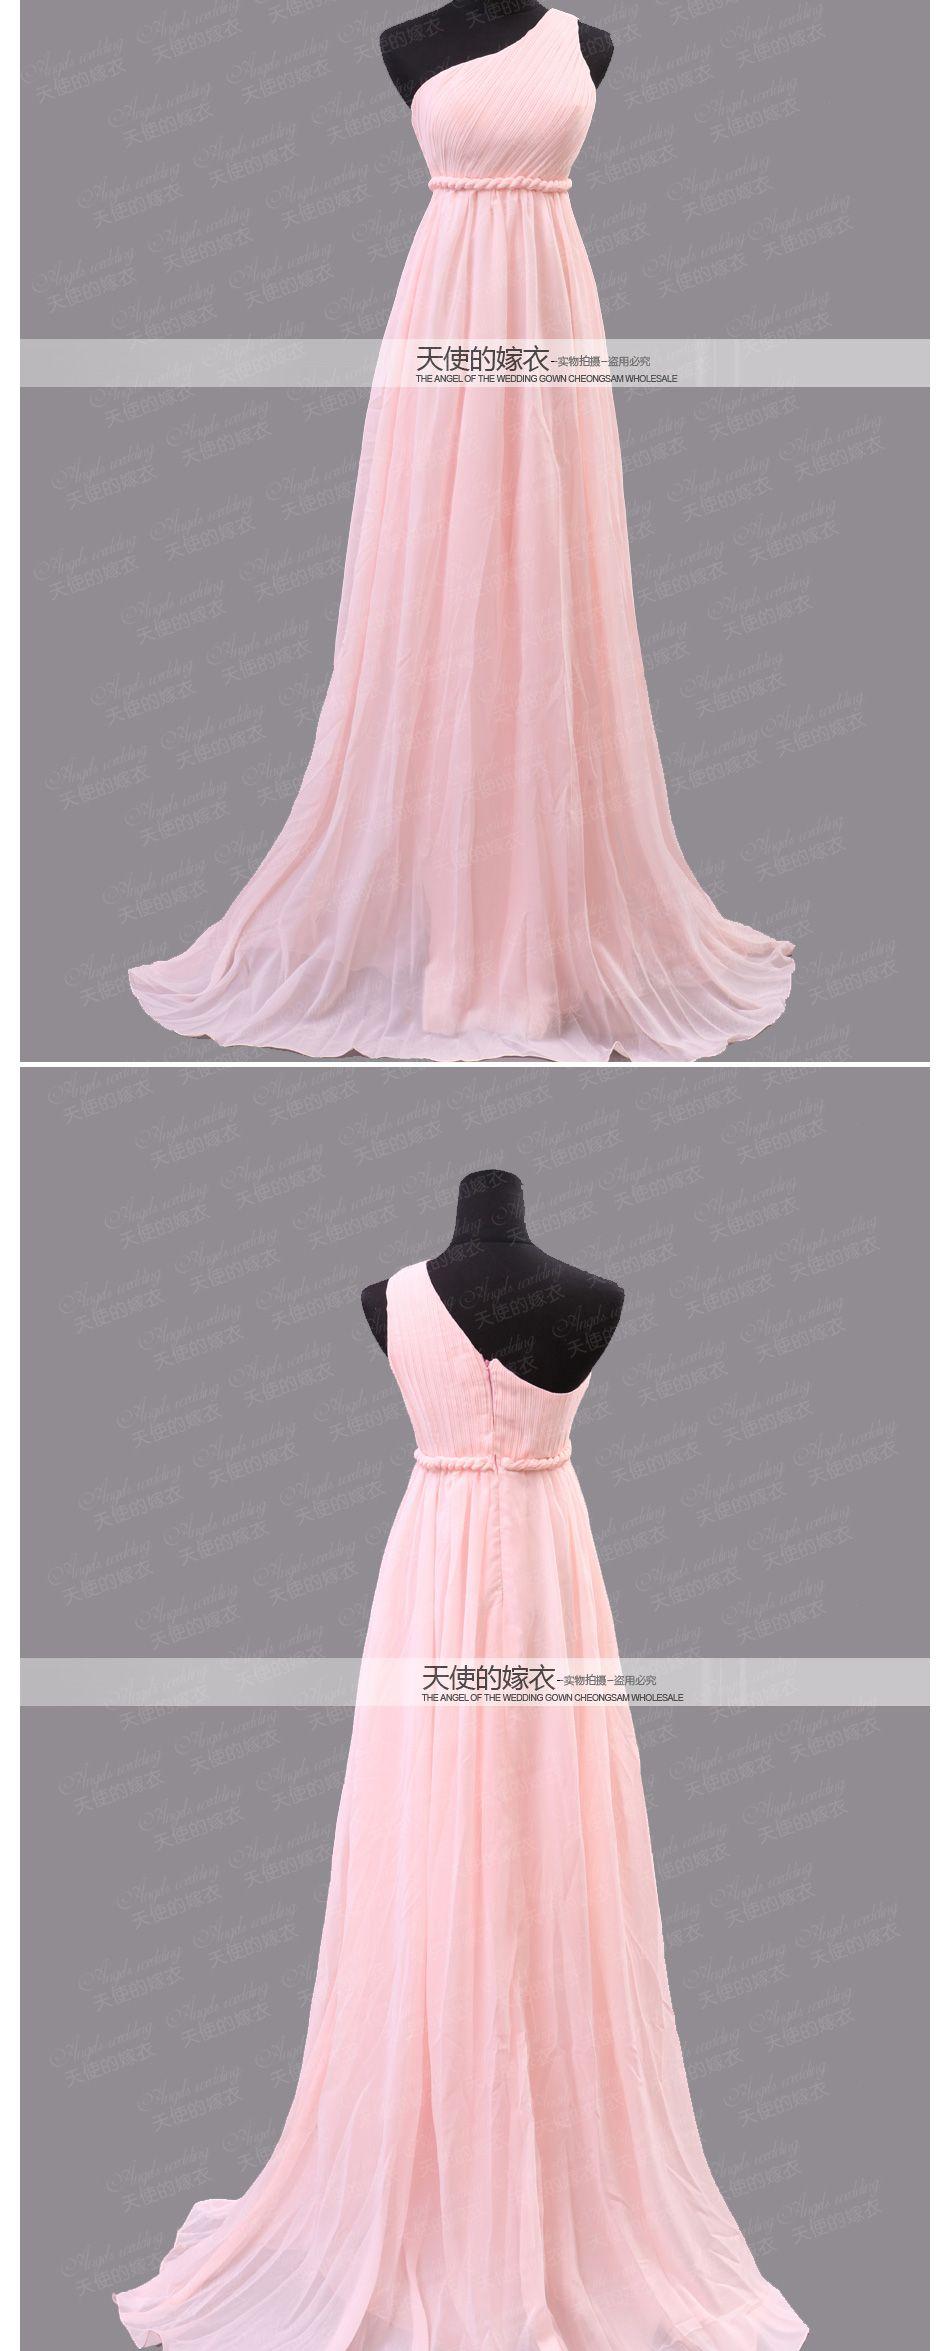 Vestido Rosa para Dama/Madrinas | La boda de mis sueños | Pinterest ...